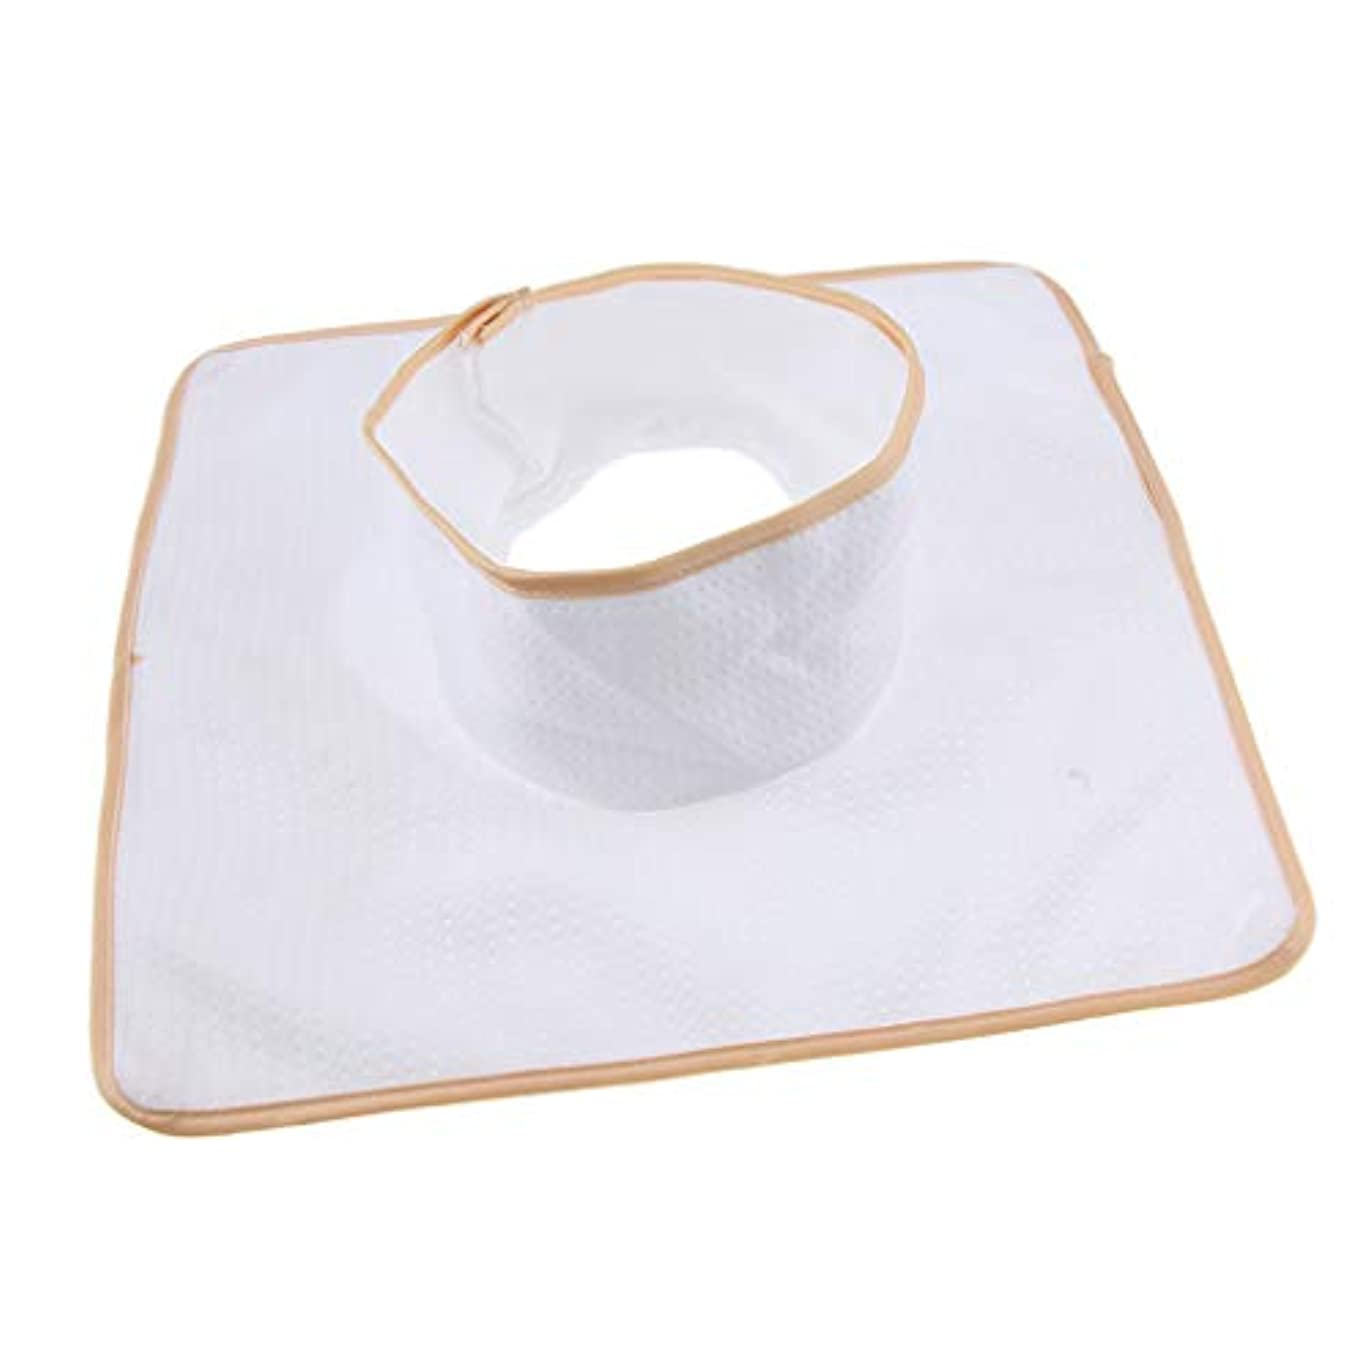 絶滅ミリメーター日付付きマッサージ ベッド テーブル ヘッドパッド 頭の穴付 再使用可能 約35×35cm 全3色 - 白